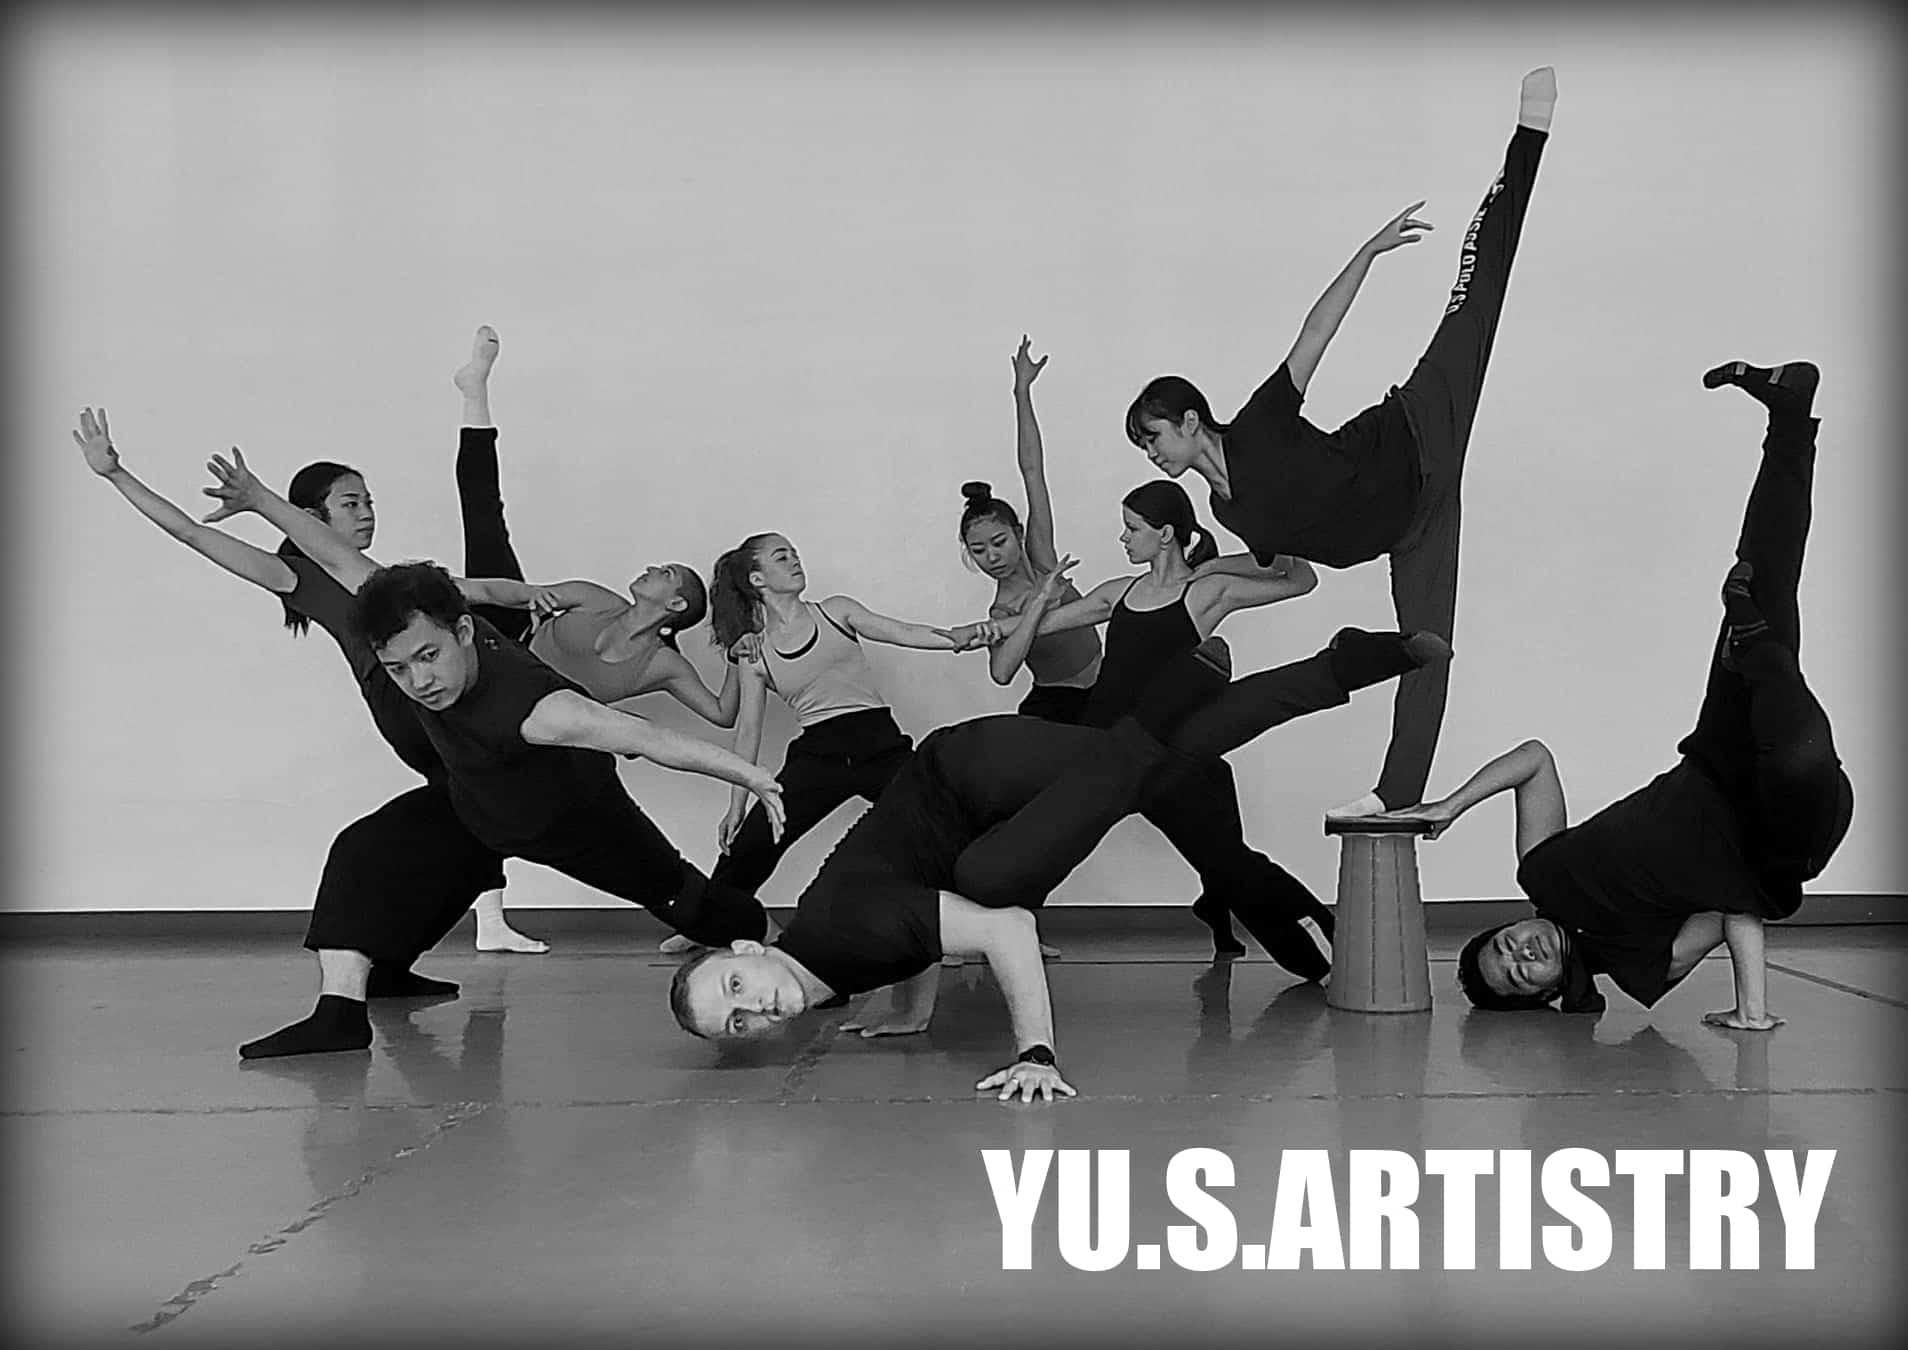 Yu.S.Artistry